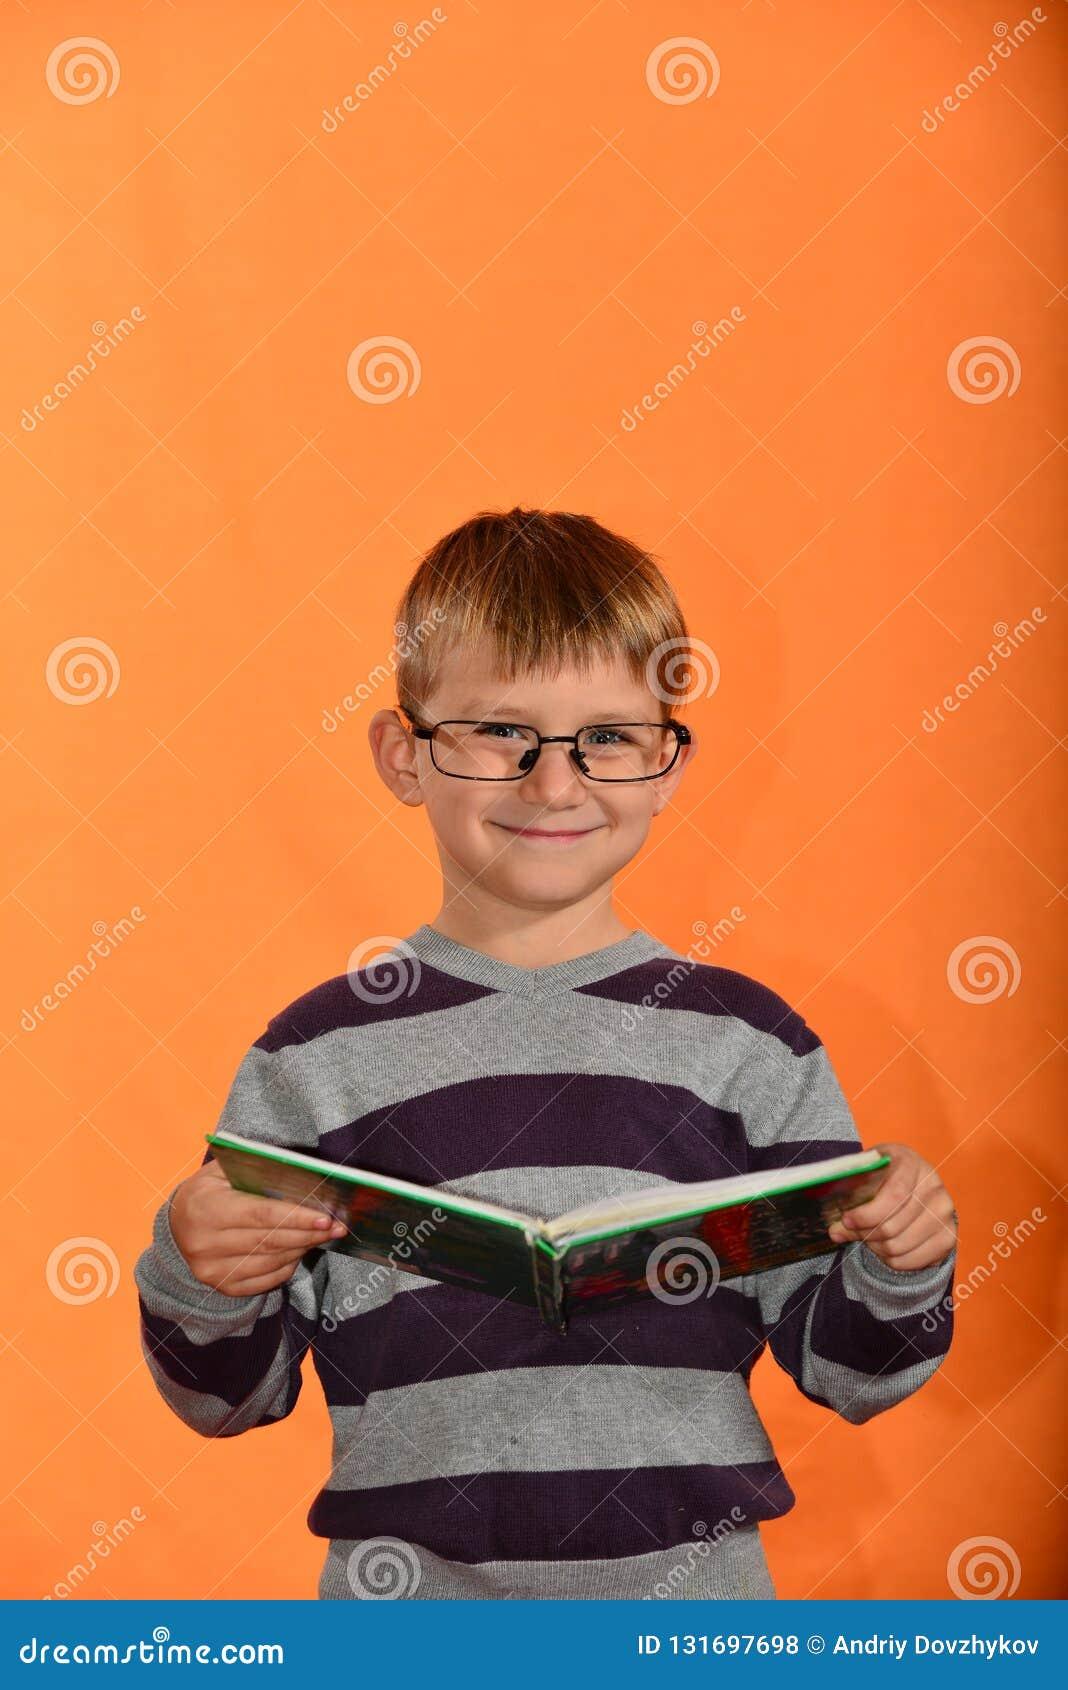 Porträt eines Jungen in den Gläsern mit einem Buch in seinen Händen, ein netter Schüler auf einem gelben Hintergrund